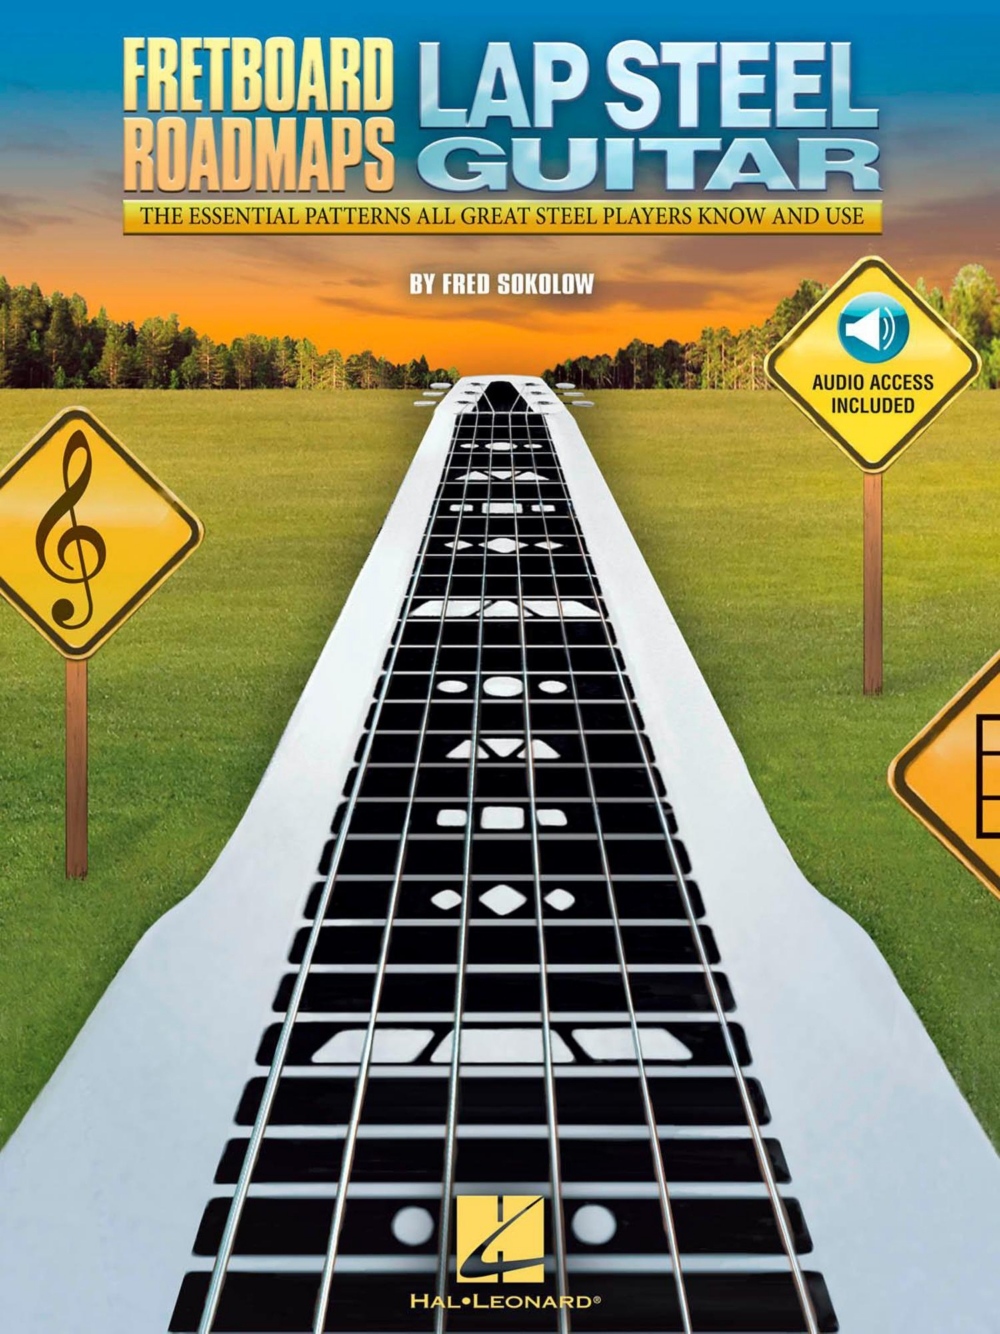 Hal Leonard Fretboard Roadmaps Lap Steel Guitar (Book Audio Online) by Hal Leonard